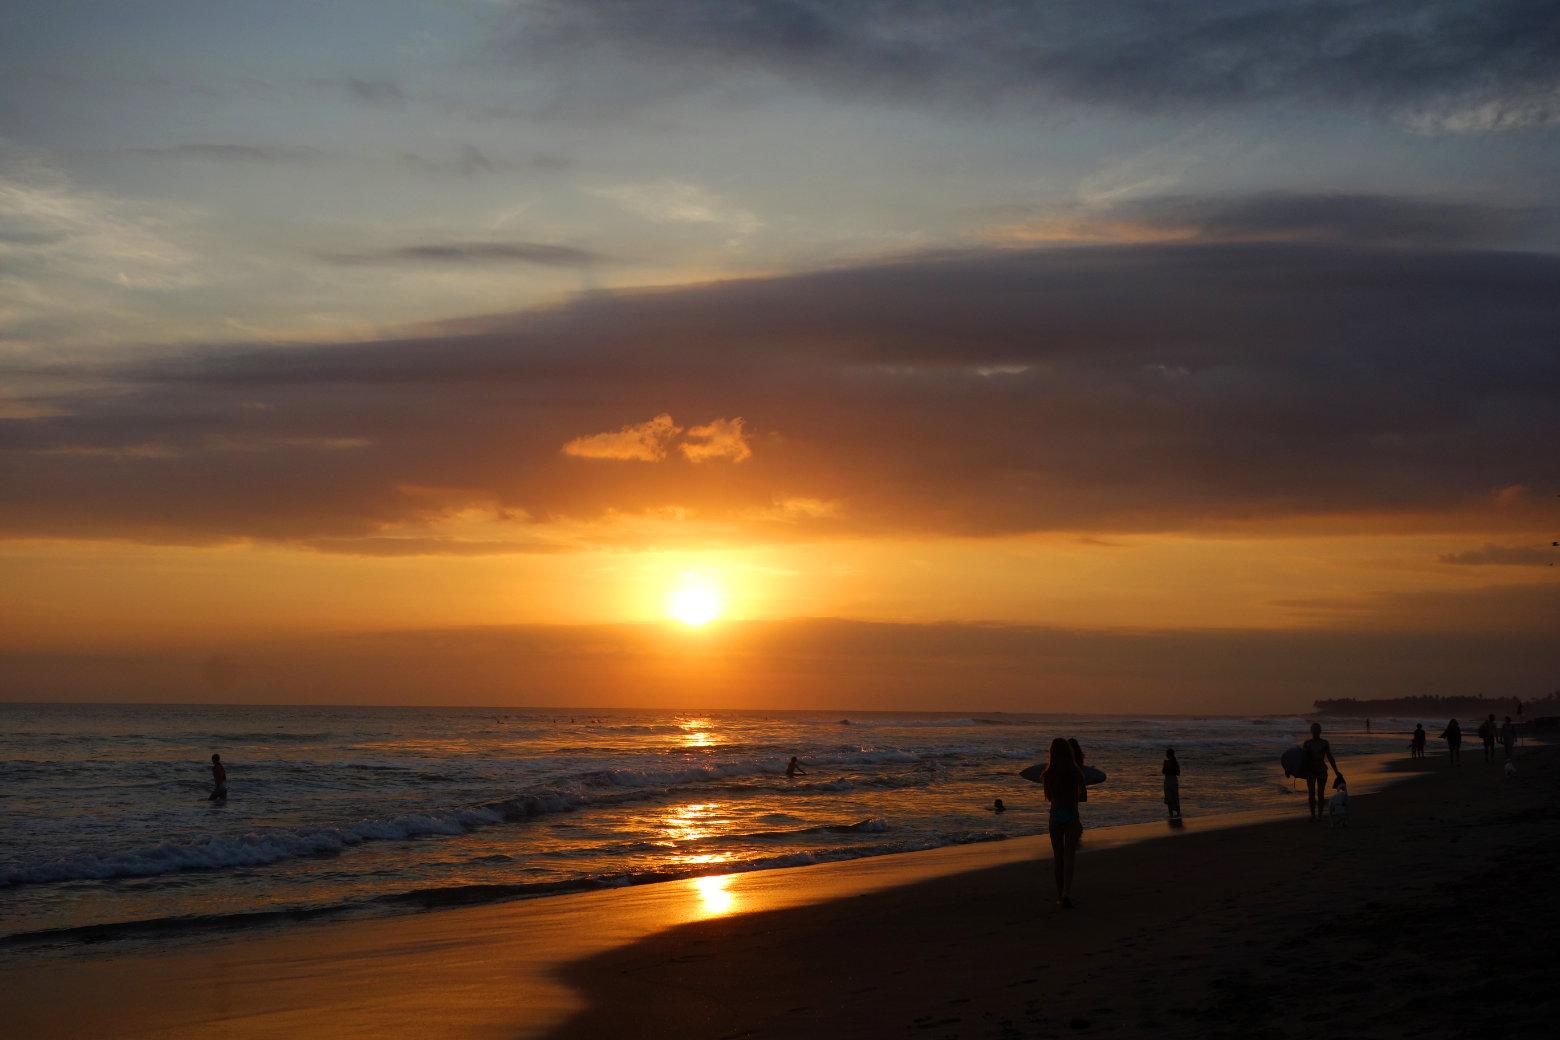 Sonnenuntergang in Canggu am Echo Beach auf Bali